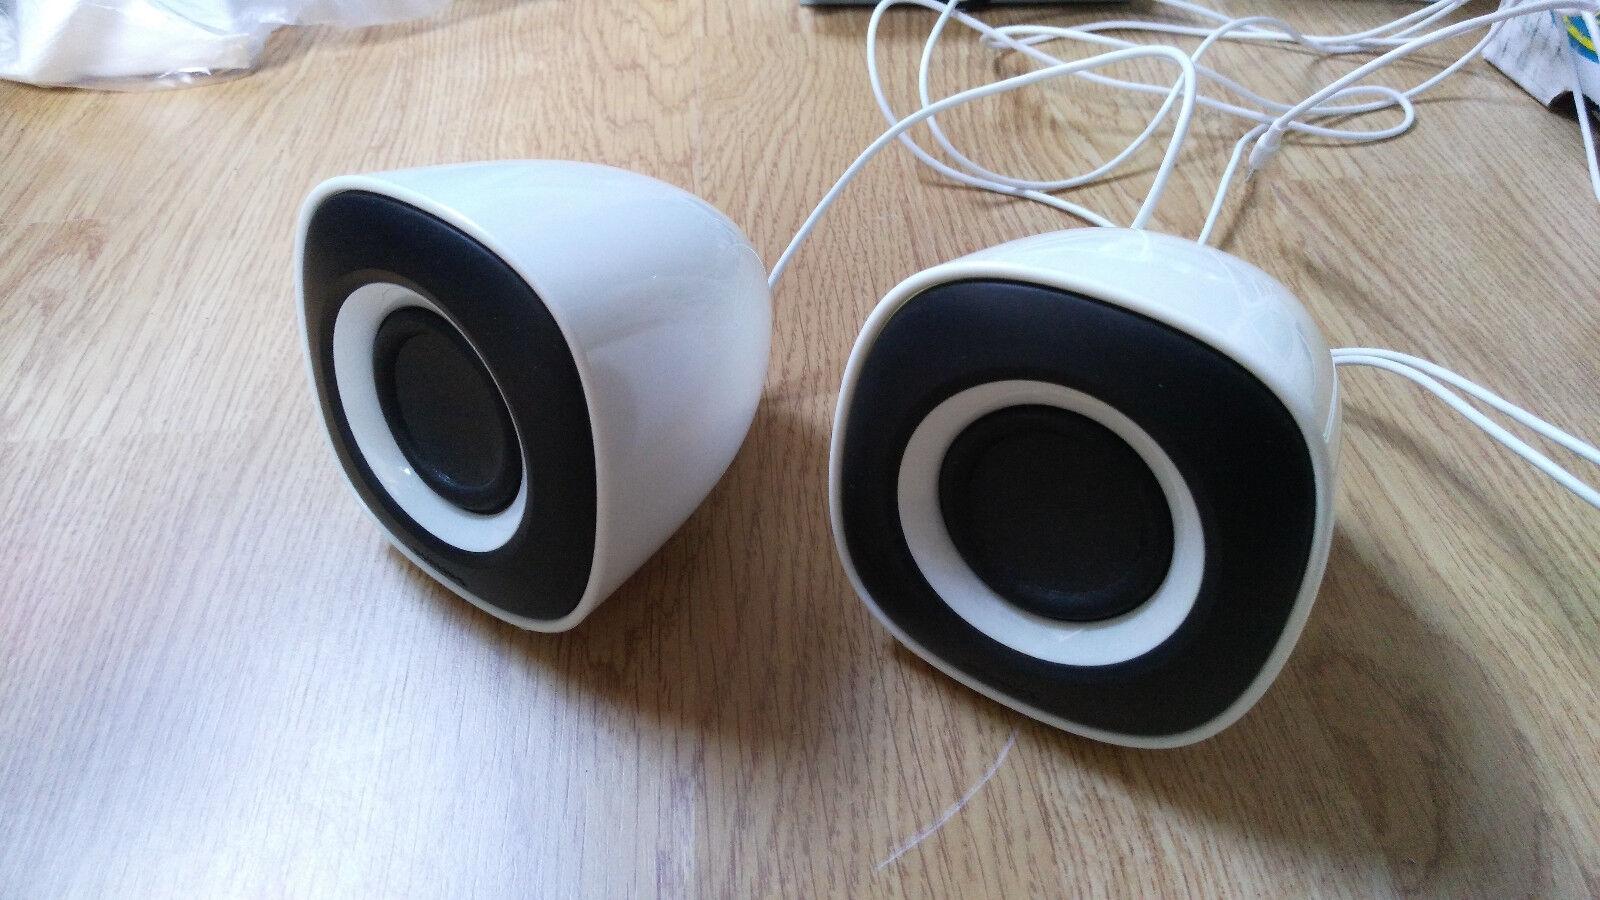 Philips SPA 2201 - Multimedia speakers - USB & headphone jack